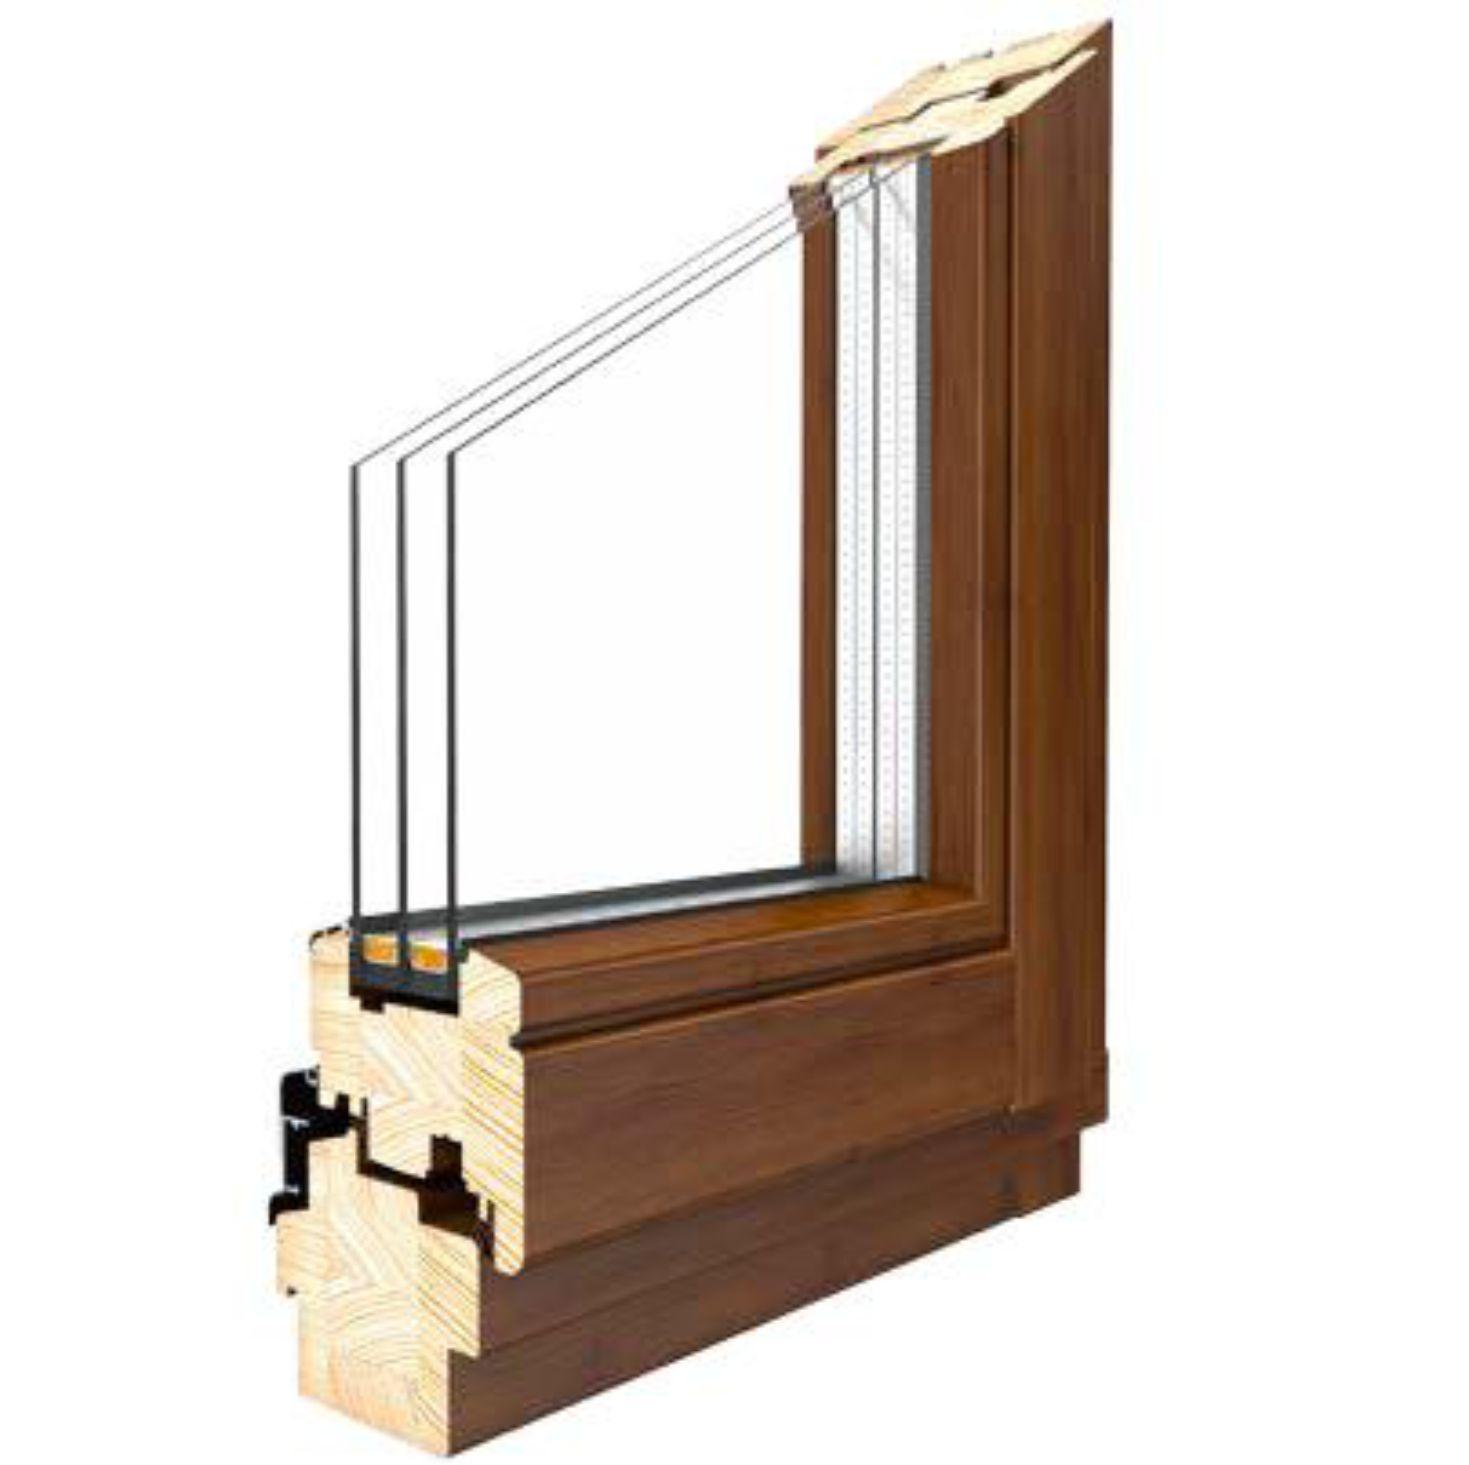 holzfenster drutex softline 68 kiefer holz fenster alle. Black Bedroom Furniture Sets. Home Design Ideas